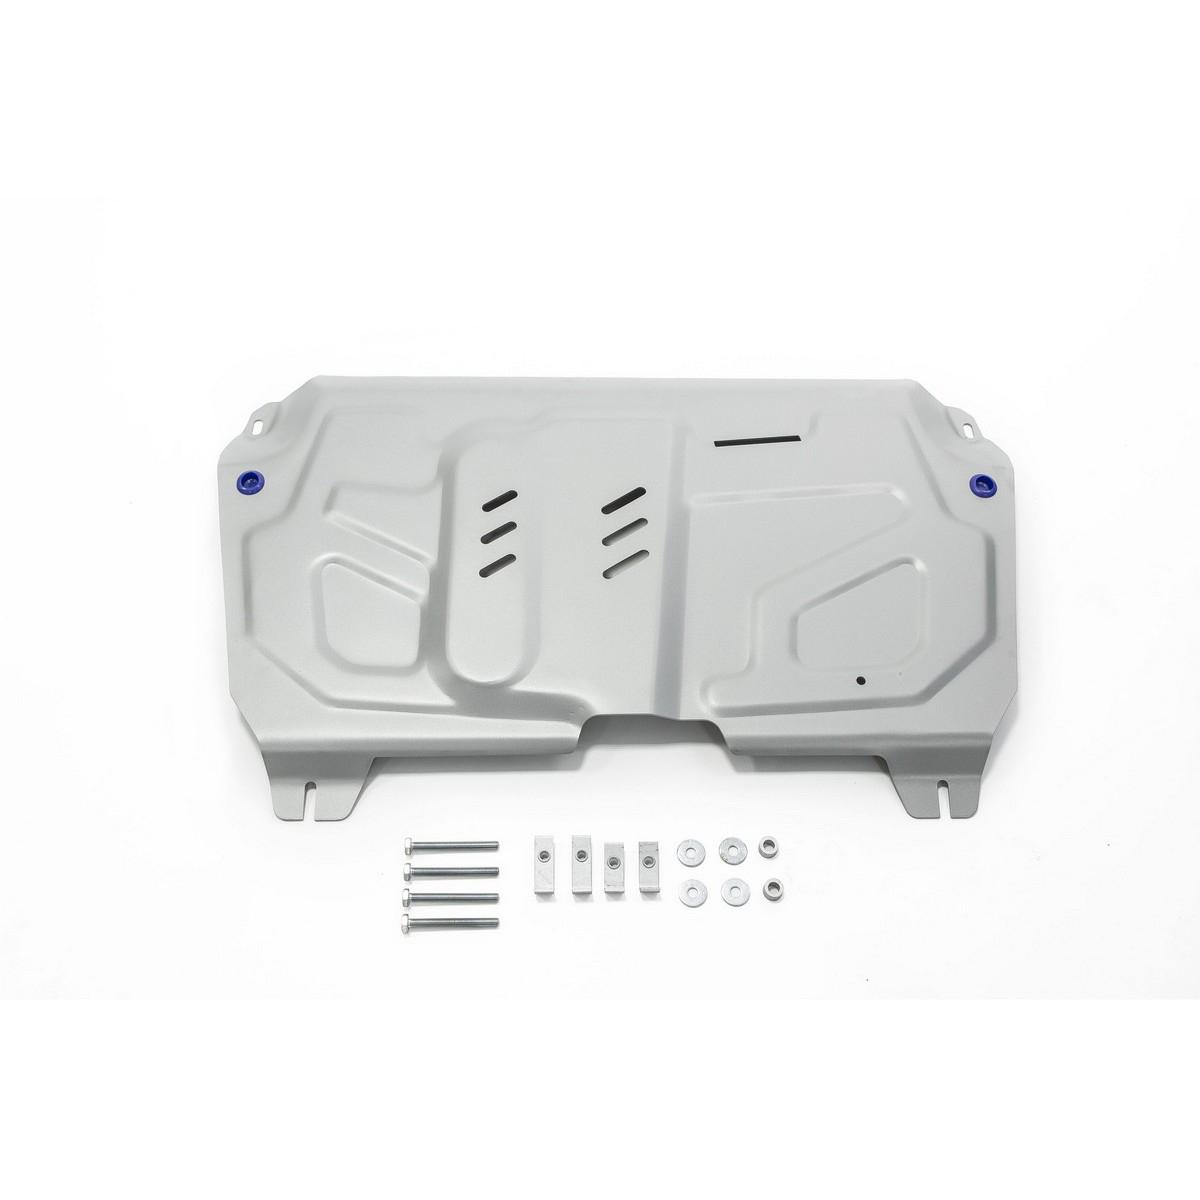 Купить Защита картера и КПП (увеличенная) Rival , для Lexus ES 2012-2015 2015-н.в./Lexus RX 270/350/200t/450h 2008-2015 2015-н.в./Lifan Murman 2017-н.в./Toyota Camry 2006-2011 2011-2014 2014-н.в./Toyota Highlander 2010-2014 2014-2017 2017-н.в./Toyota Venza 2013